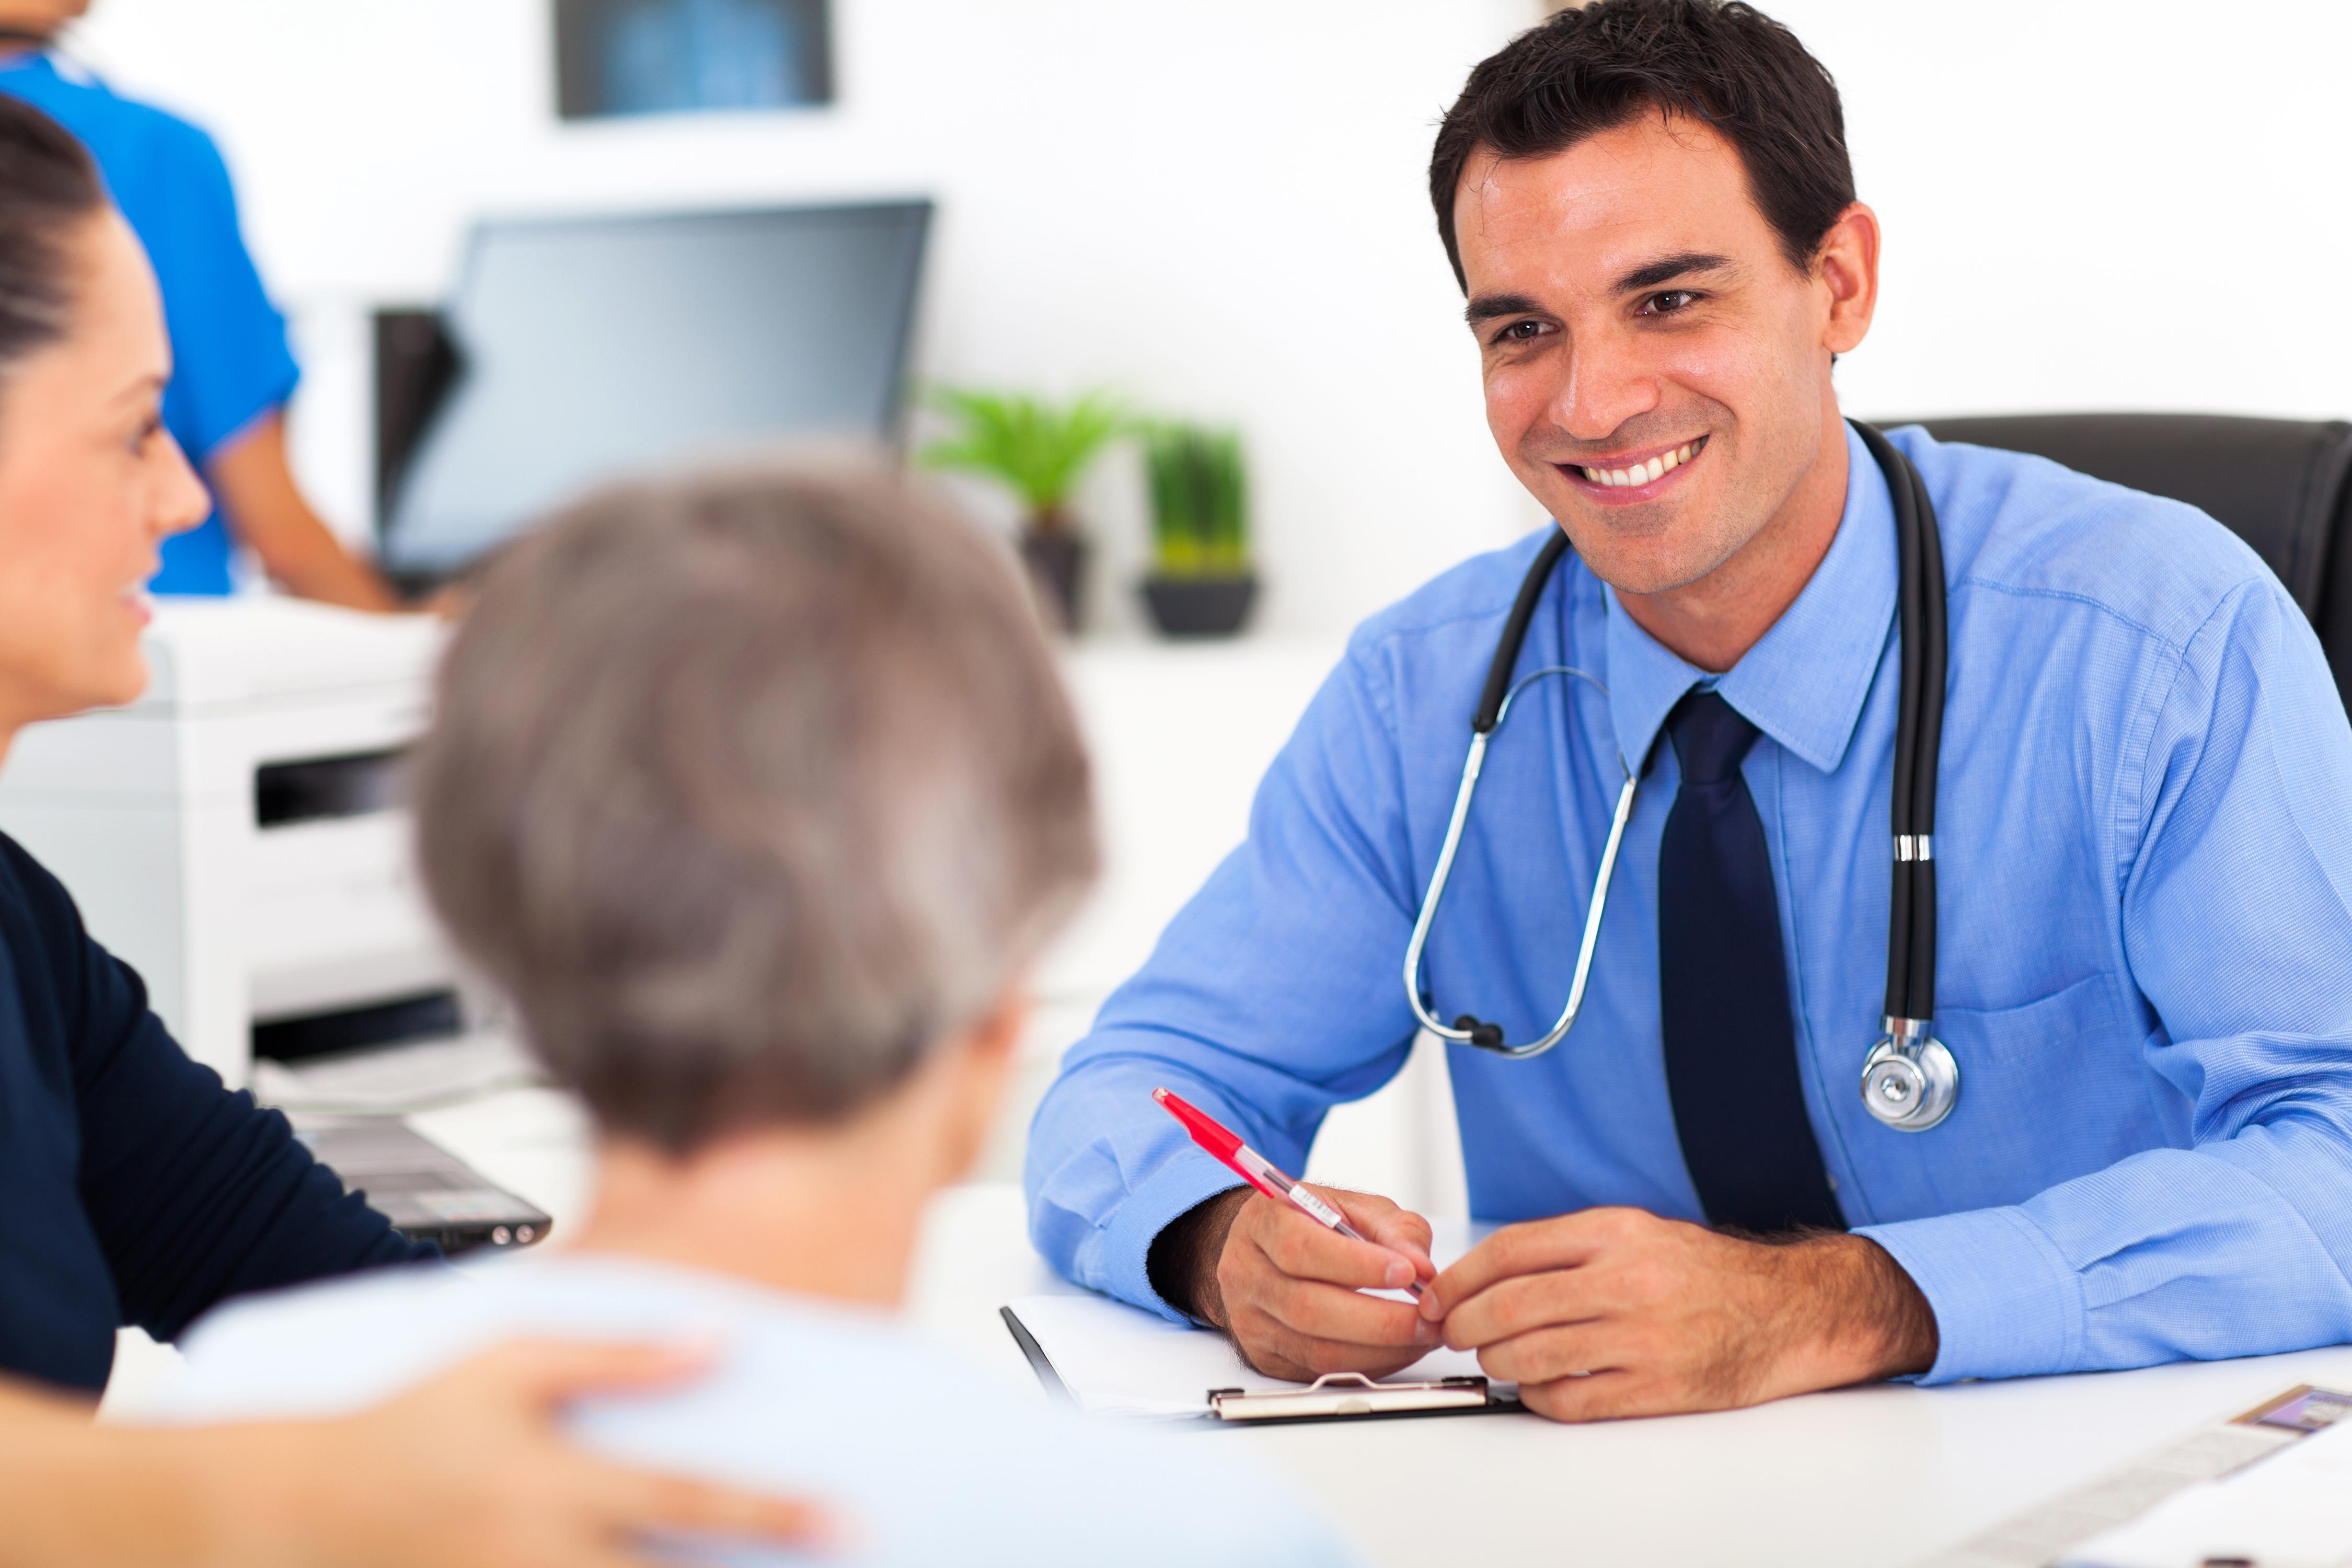 Chcesz otworzyć gabinet lekarski? Zobacz, jak się do tego zabrać